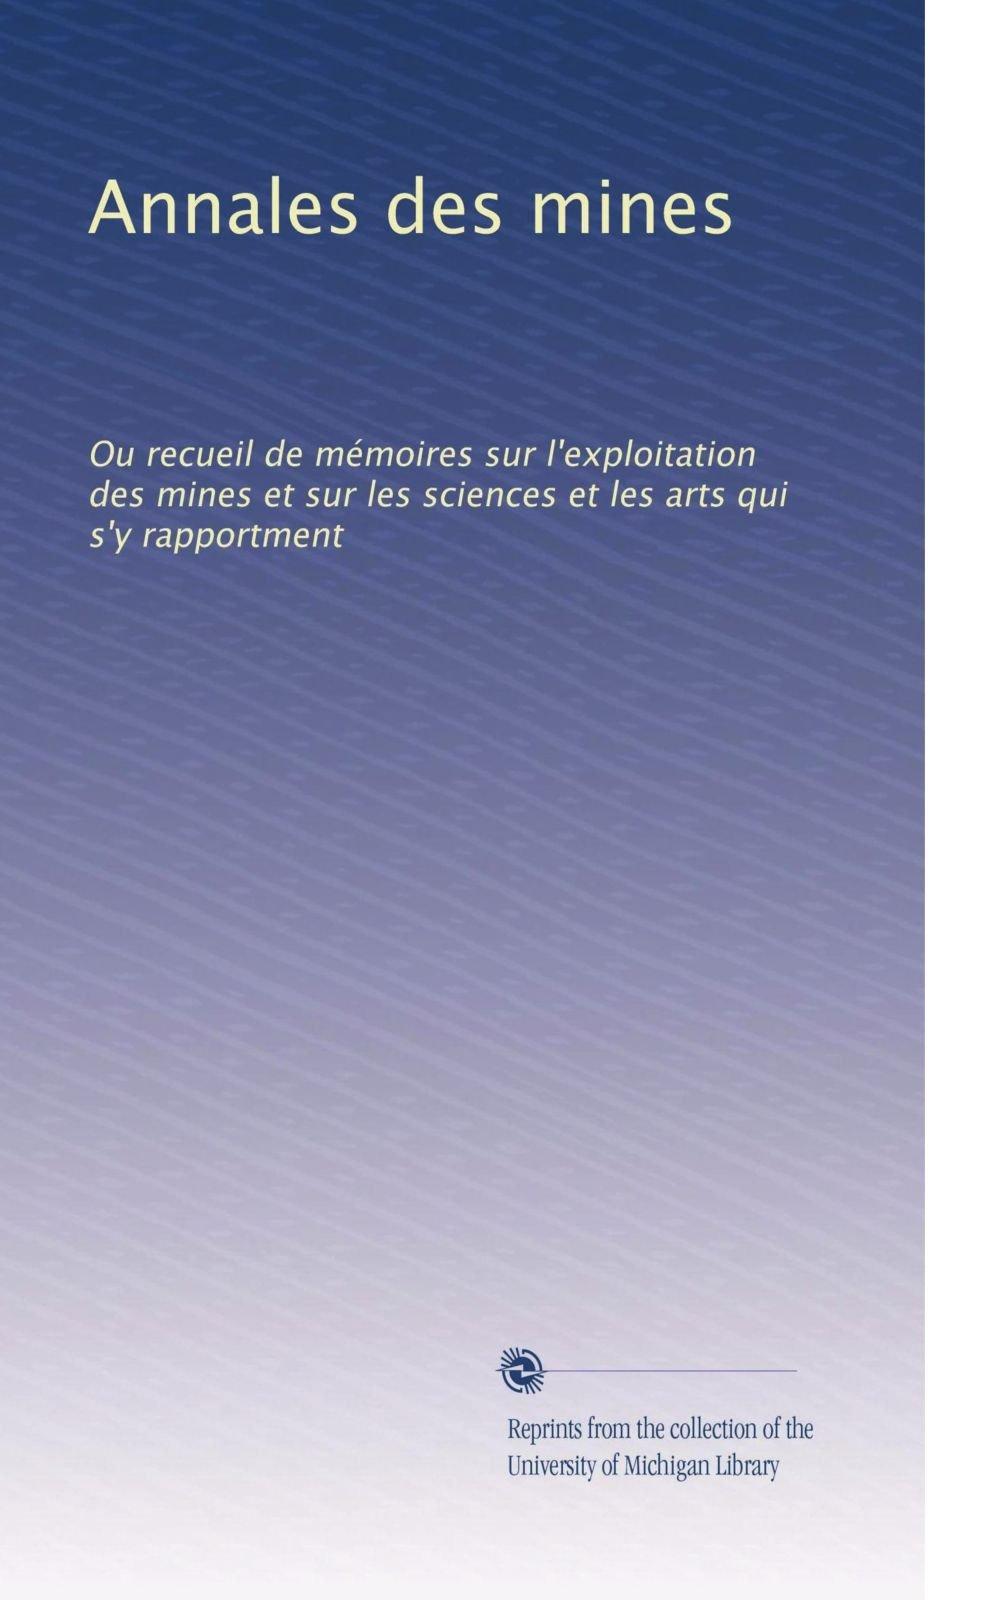 Annales des mines: Ou recueil de mémoires sur l'exploitation des mines et sur les sciences et les arts qui s'y rapportment (Volume 26) (French Edition) pdf